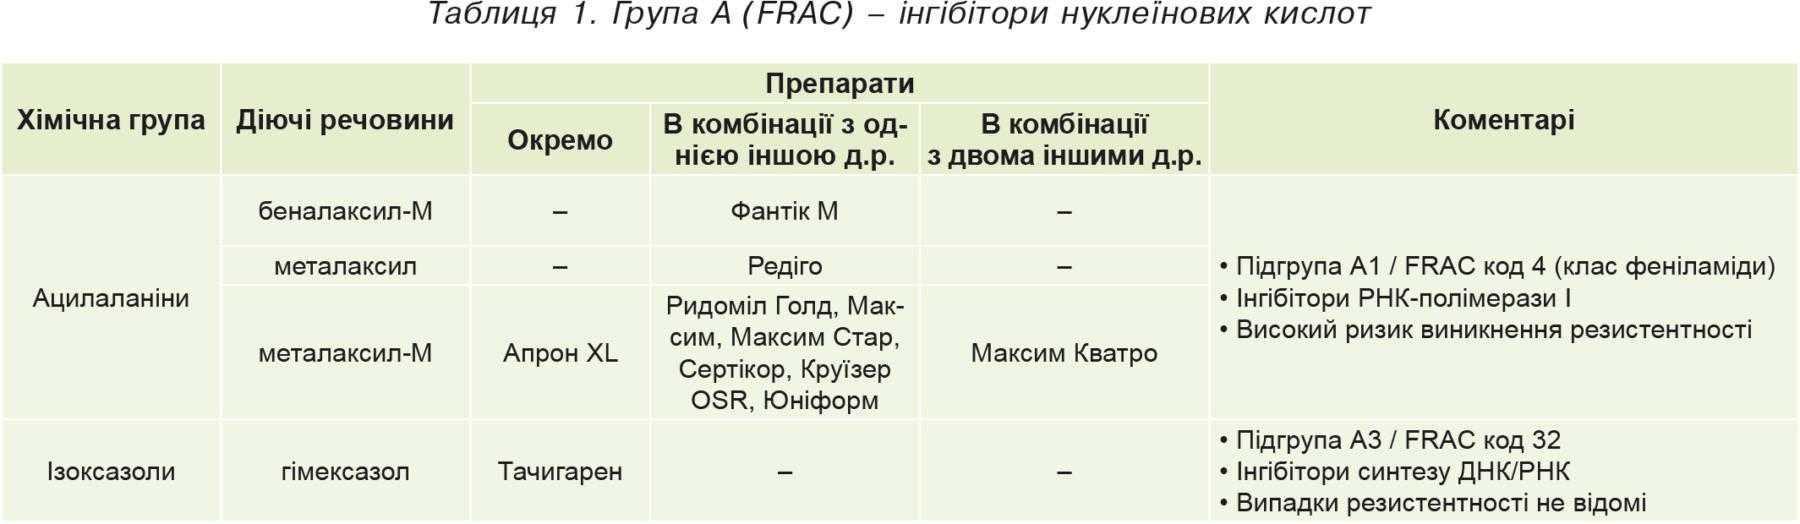 Таблиця1. Група А (FRAC)– інгібітори нуклеїнових кислот